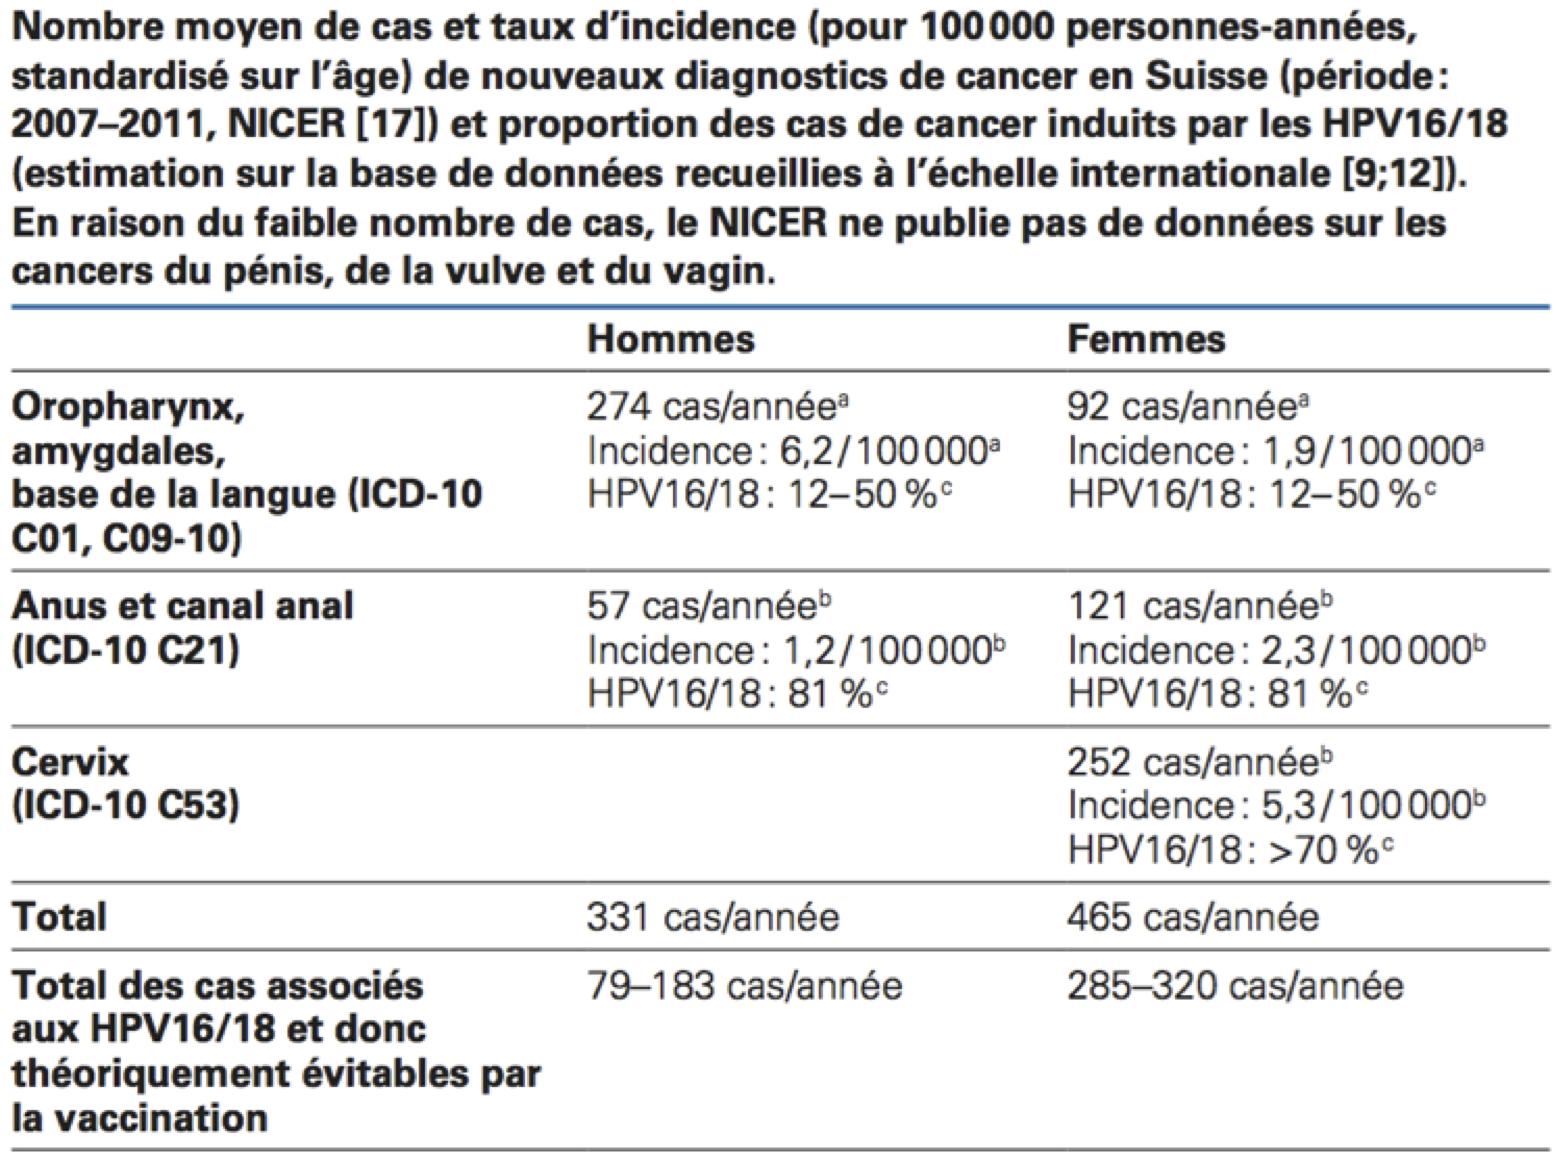 papilloma virus diagnosi nei maschi human papillomavirus vaccine cpt code